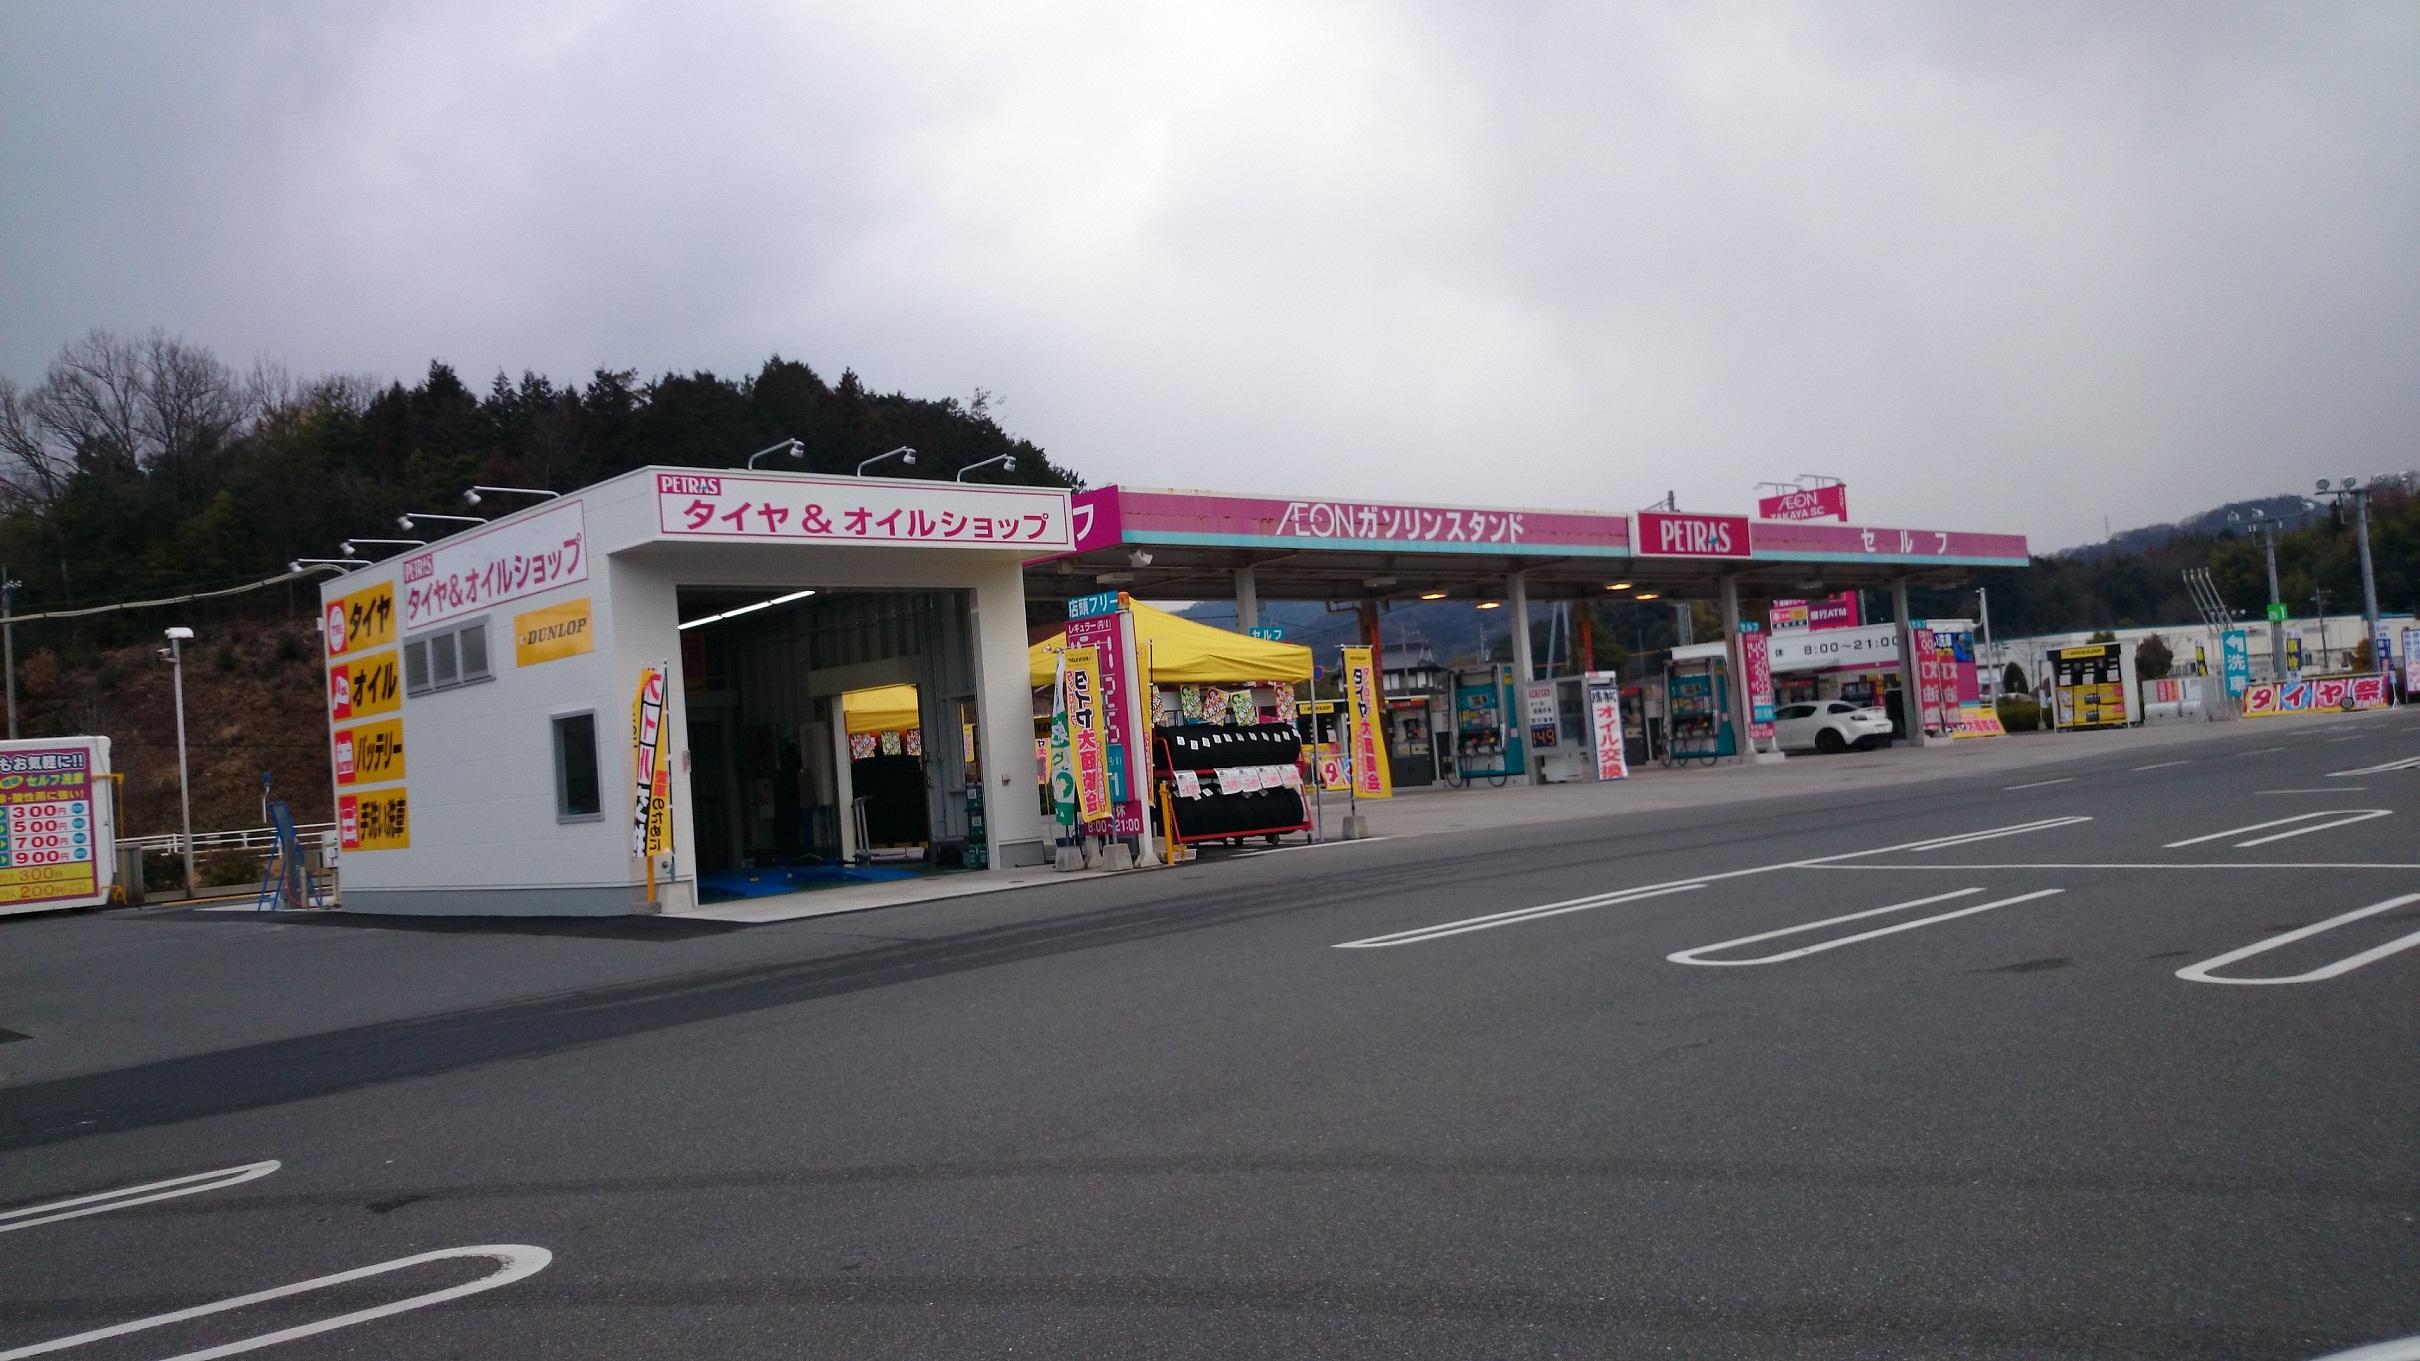 メガペトロ(株) ぺトラス高屋店